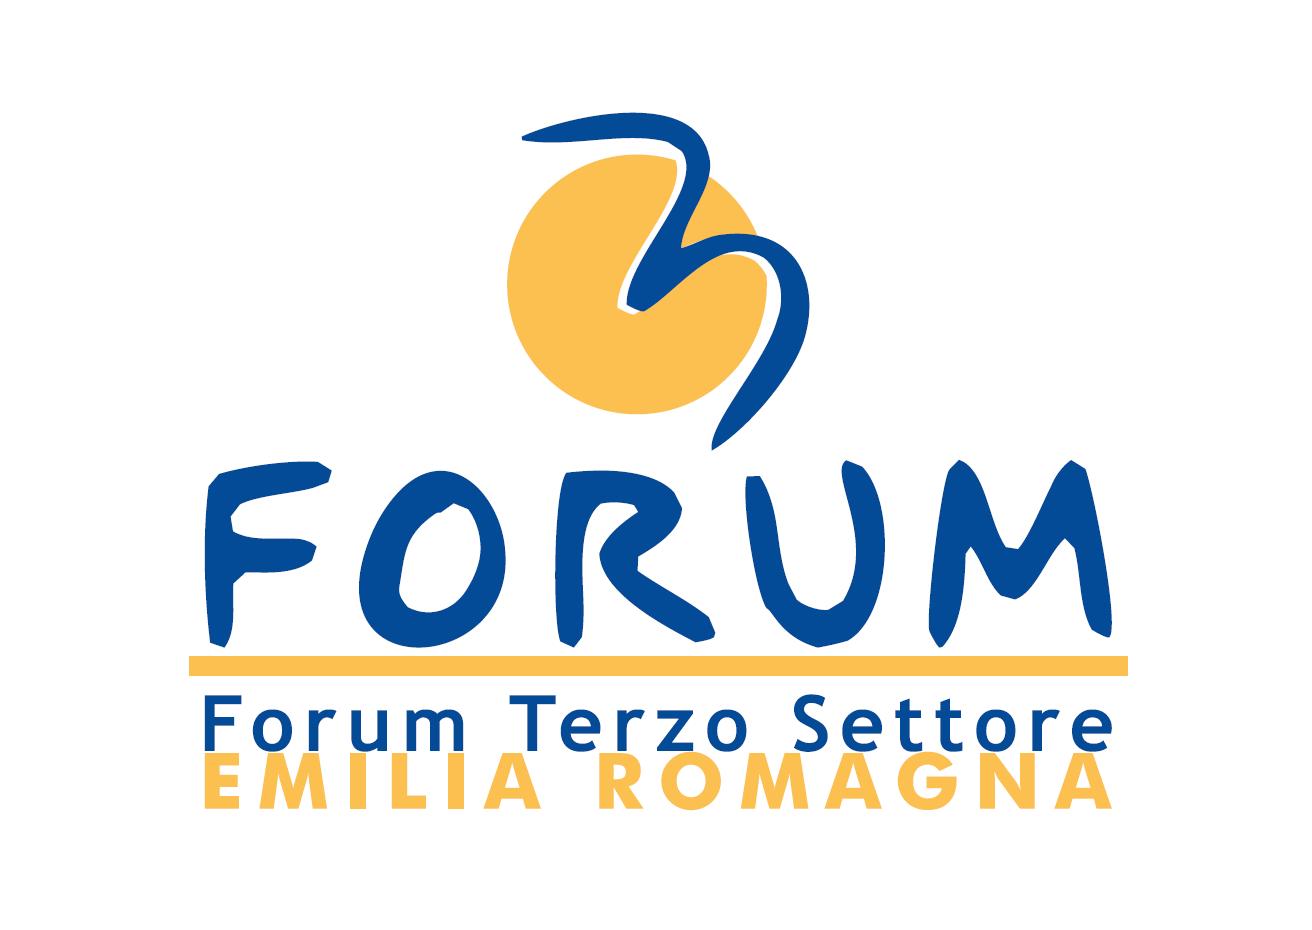 Forum Terzo Settore Emilia Romagna: riattivare la socialità e far ripartire l'associazionismo